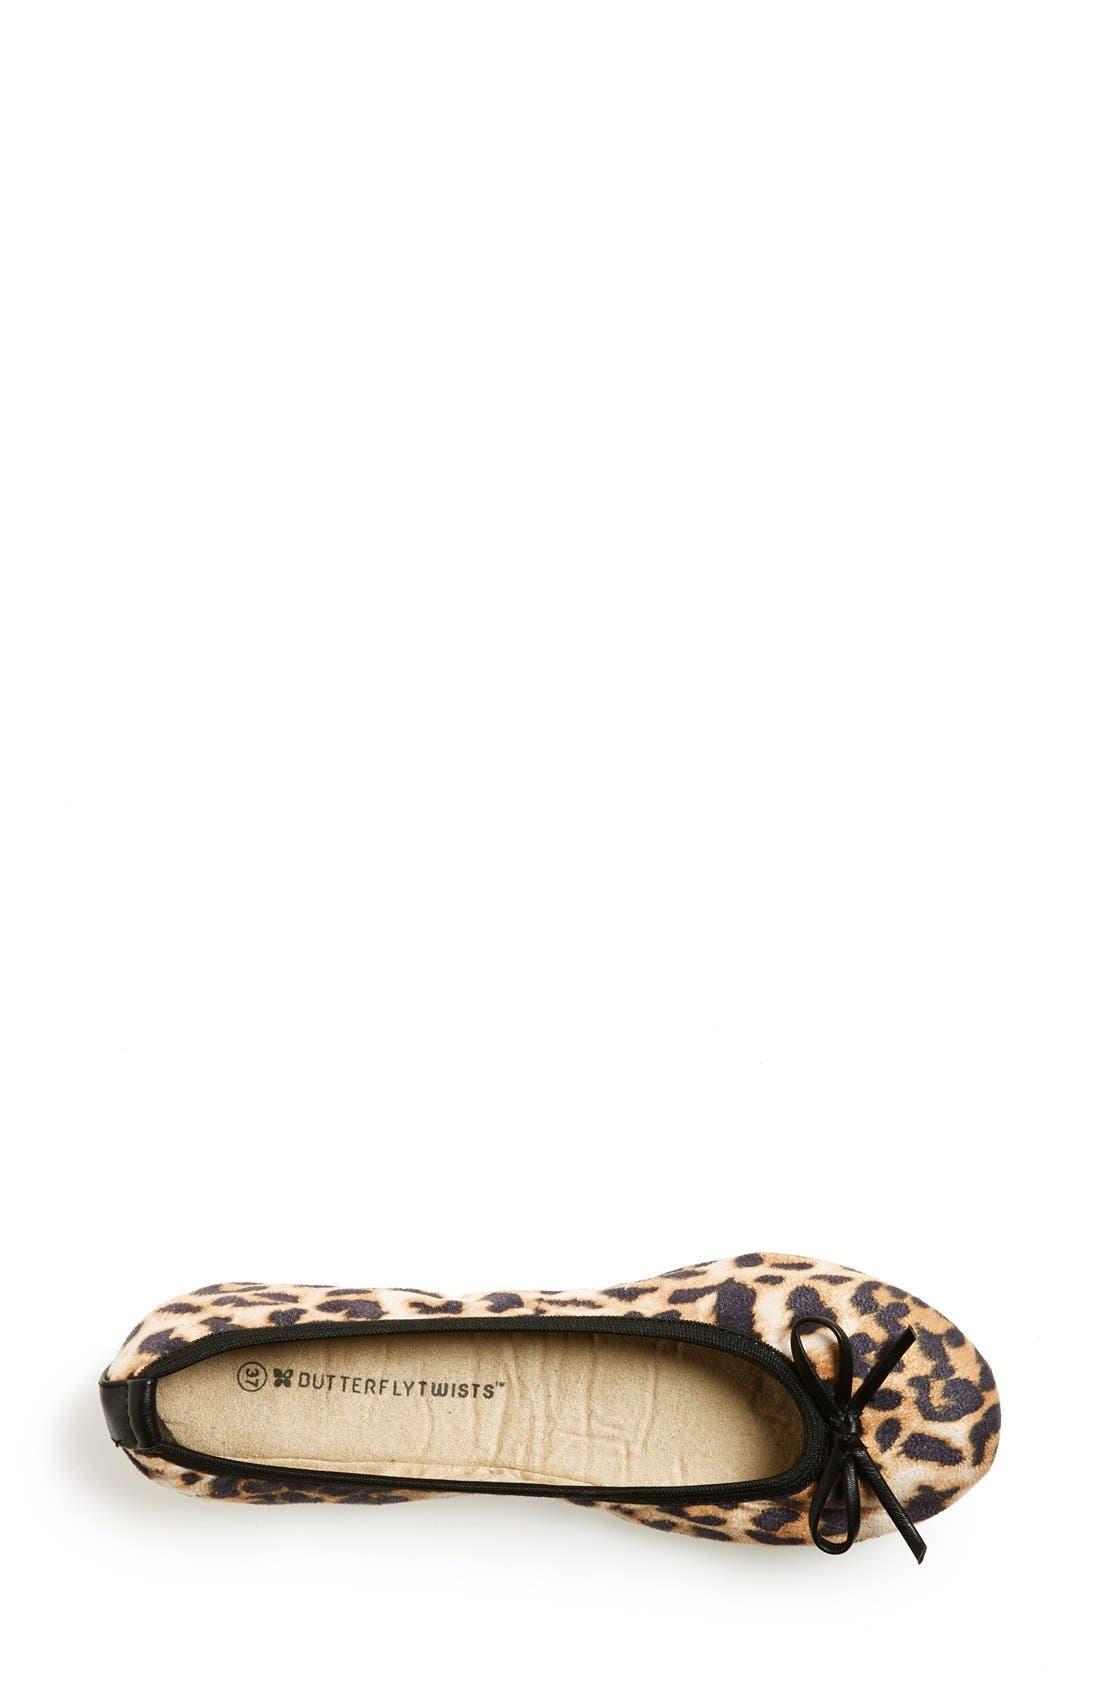 Alternate Image 3  - Butterfly Twists 'Cleo Leopard' Foldable Ballerina Flat (Women)